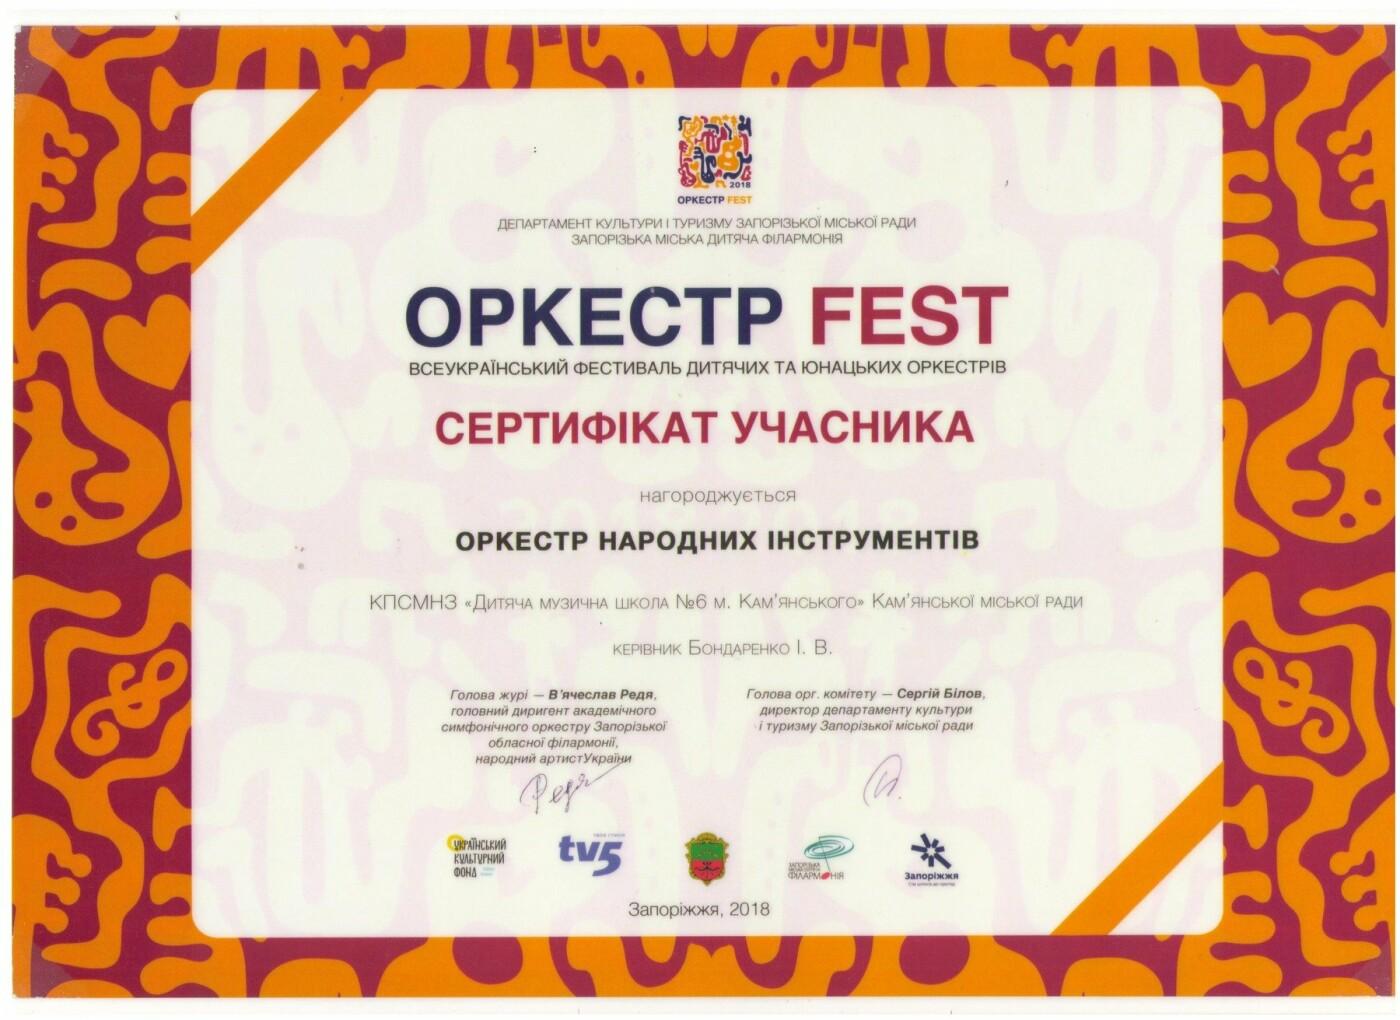 Юные музыканты из Каменского успешно выступили на всеукраинском фестивале, фото-1